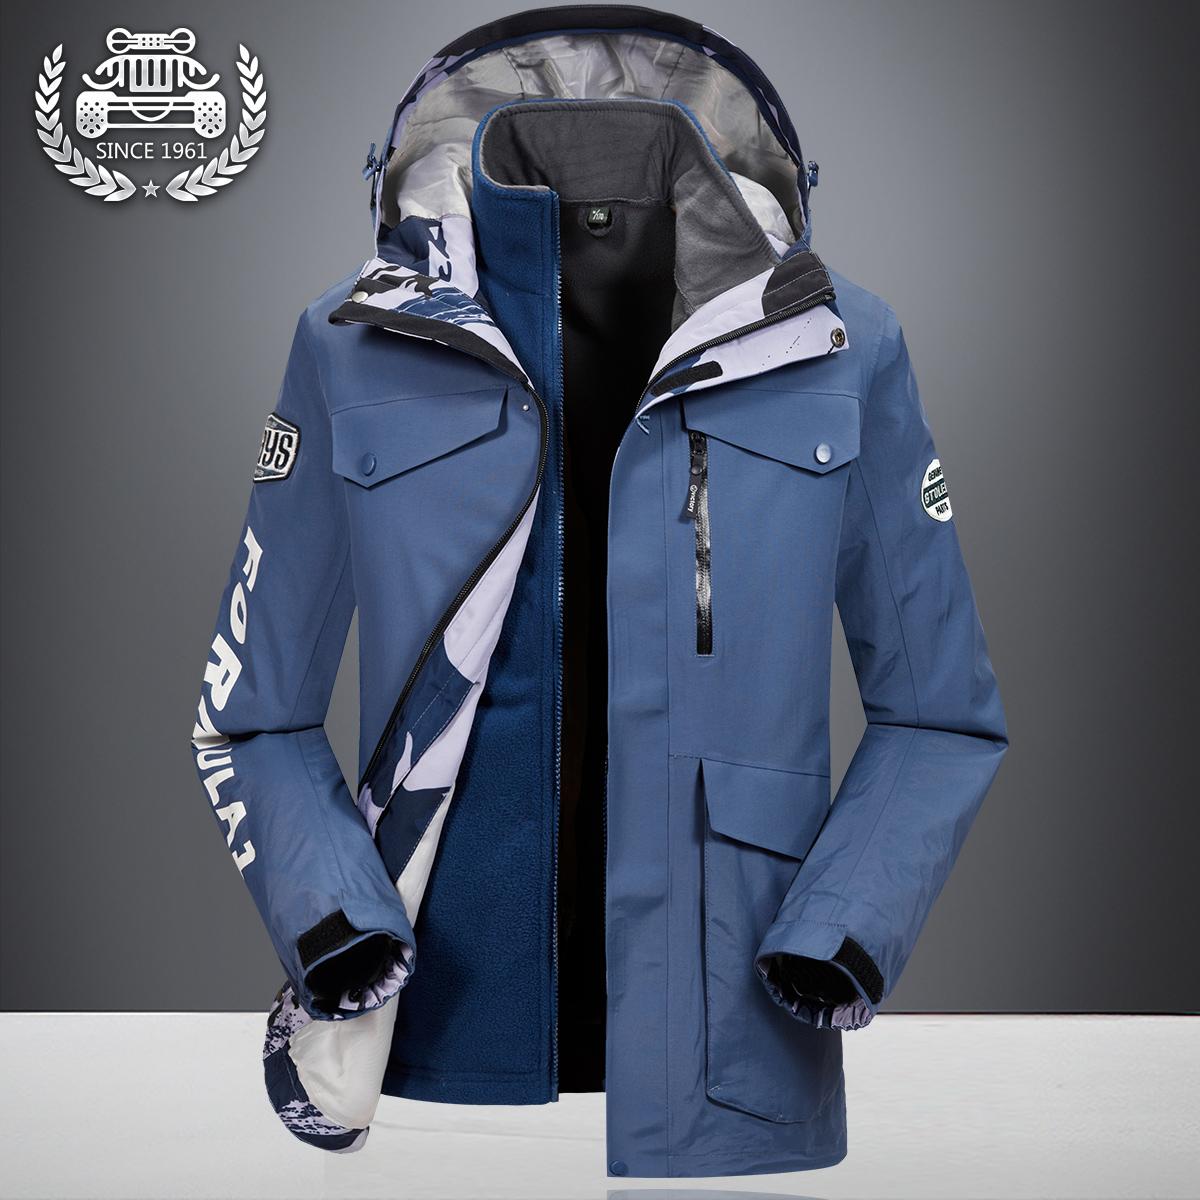 秋冬季三合一冲锋衣男士户外运动登山服外套大码宽松骑行两件套潮